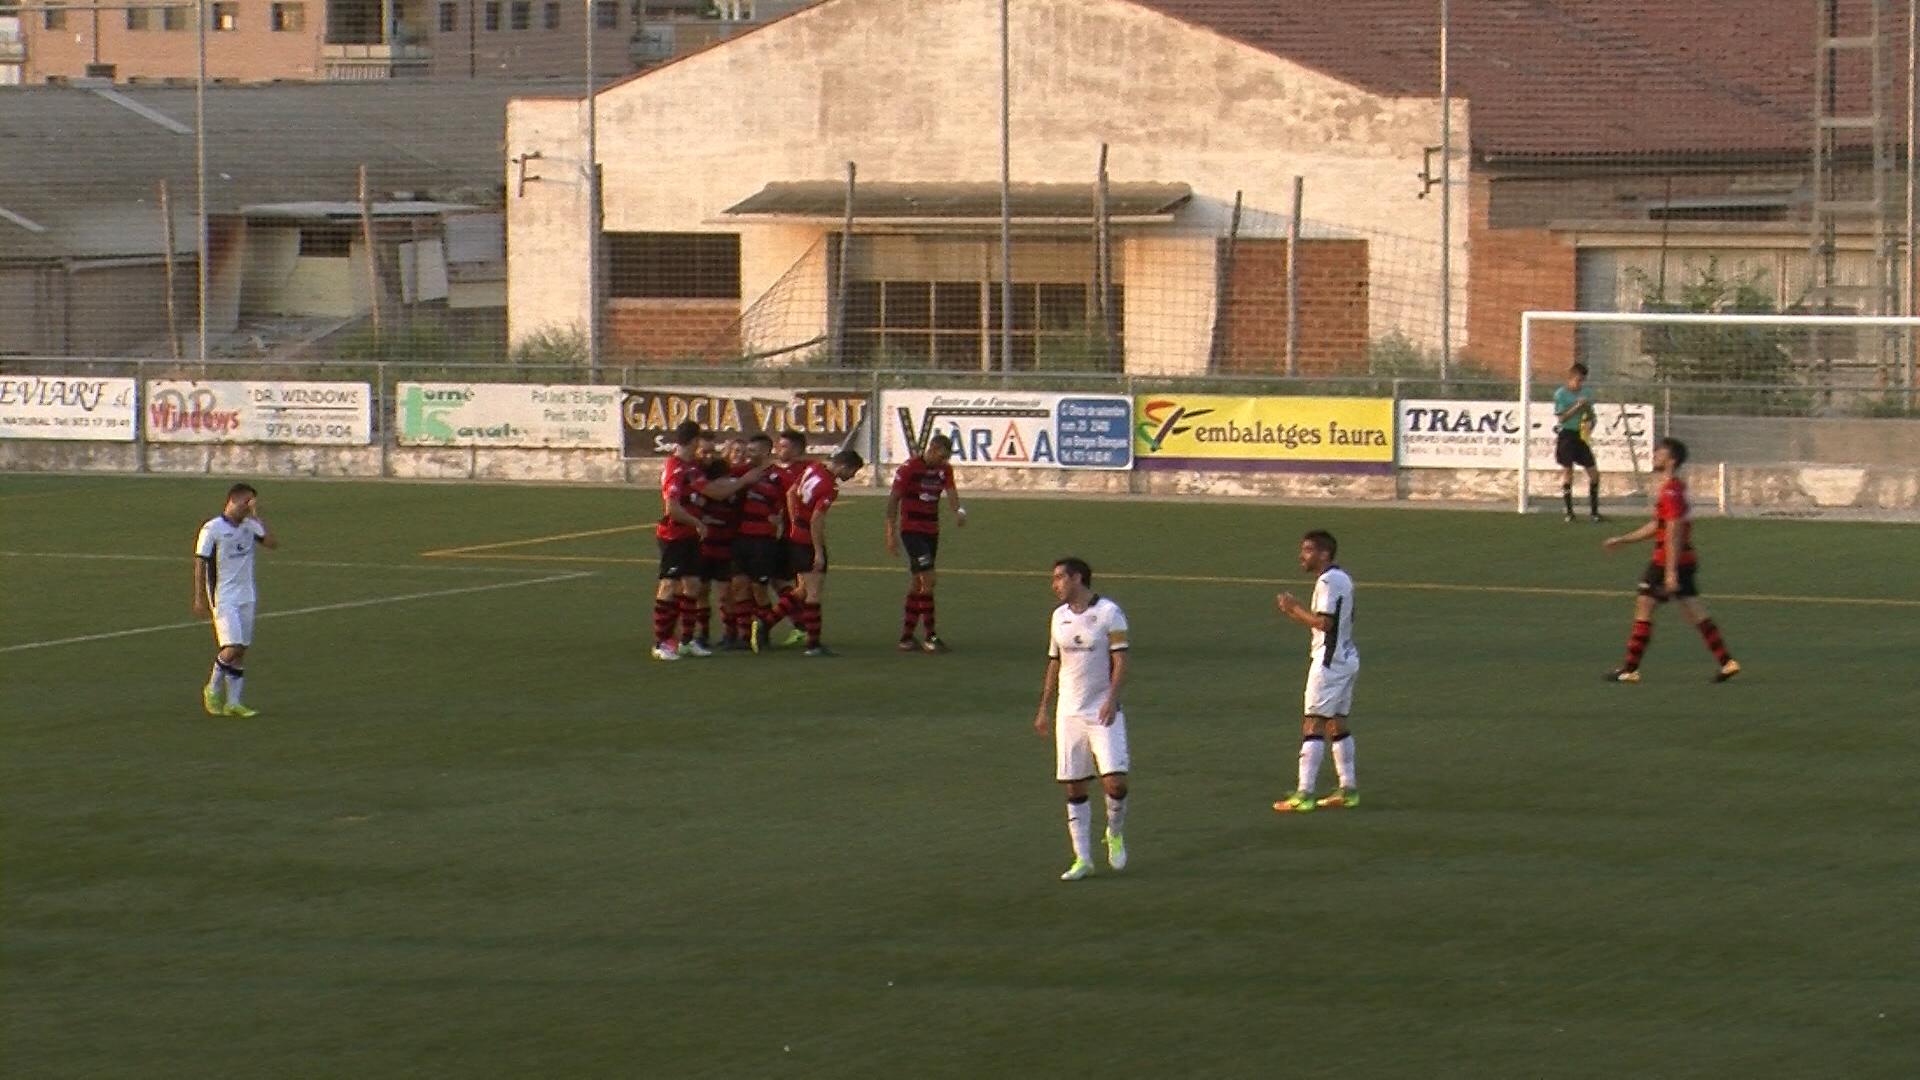 Crònica FC Borges-EFAC Almacelles.00_01_29_13.Imagen fija003